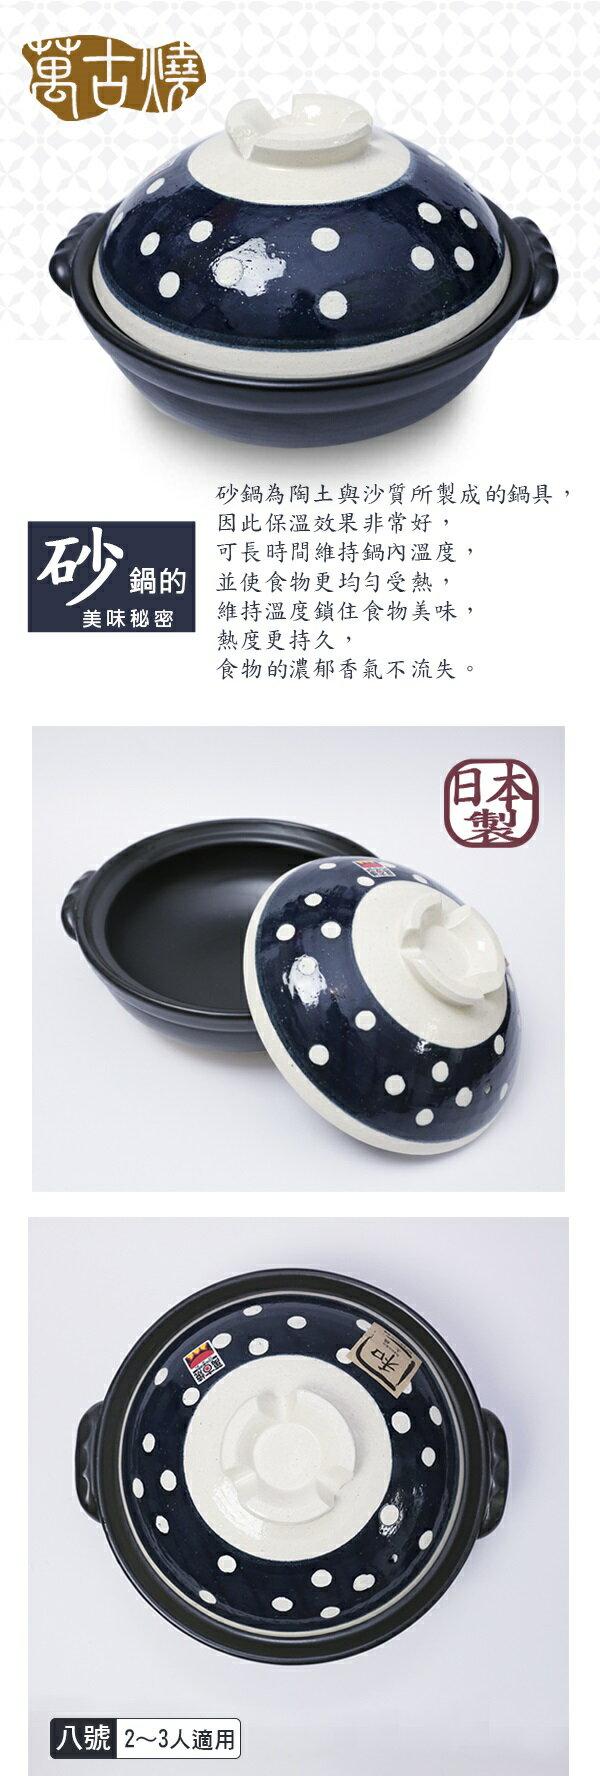 【日本 萬古燒】藍丸紋 砂鍋 土鍋 _8號(3~4人適用)